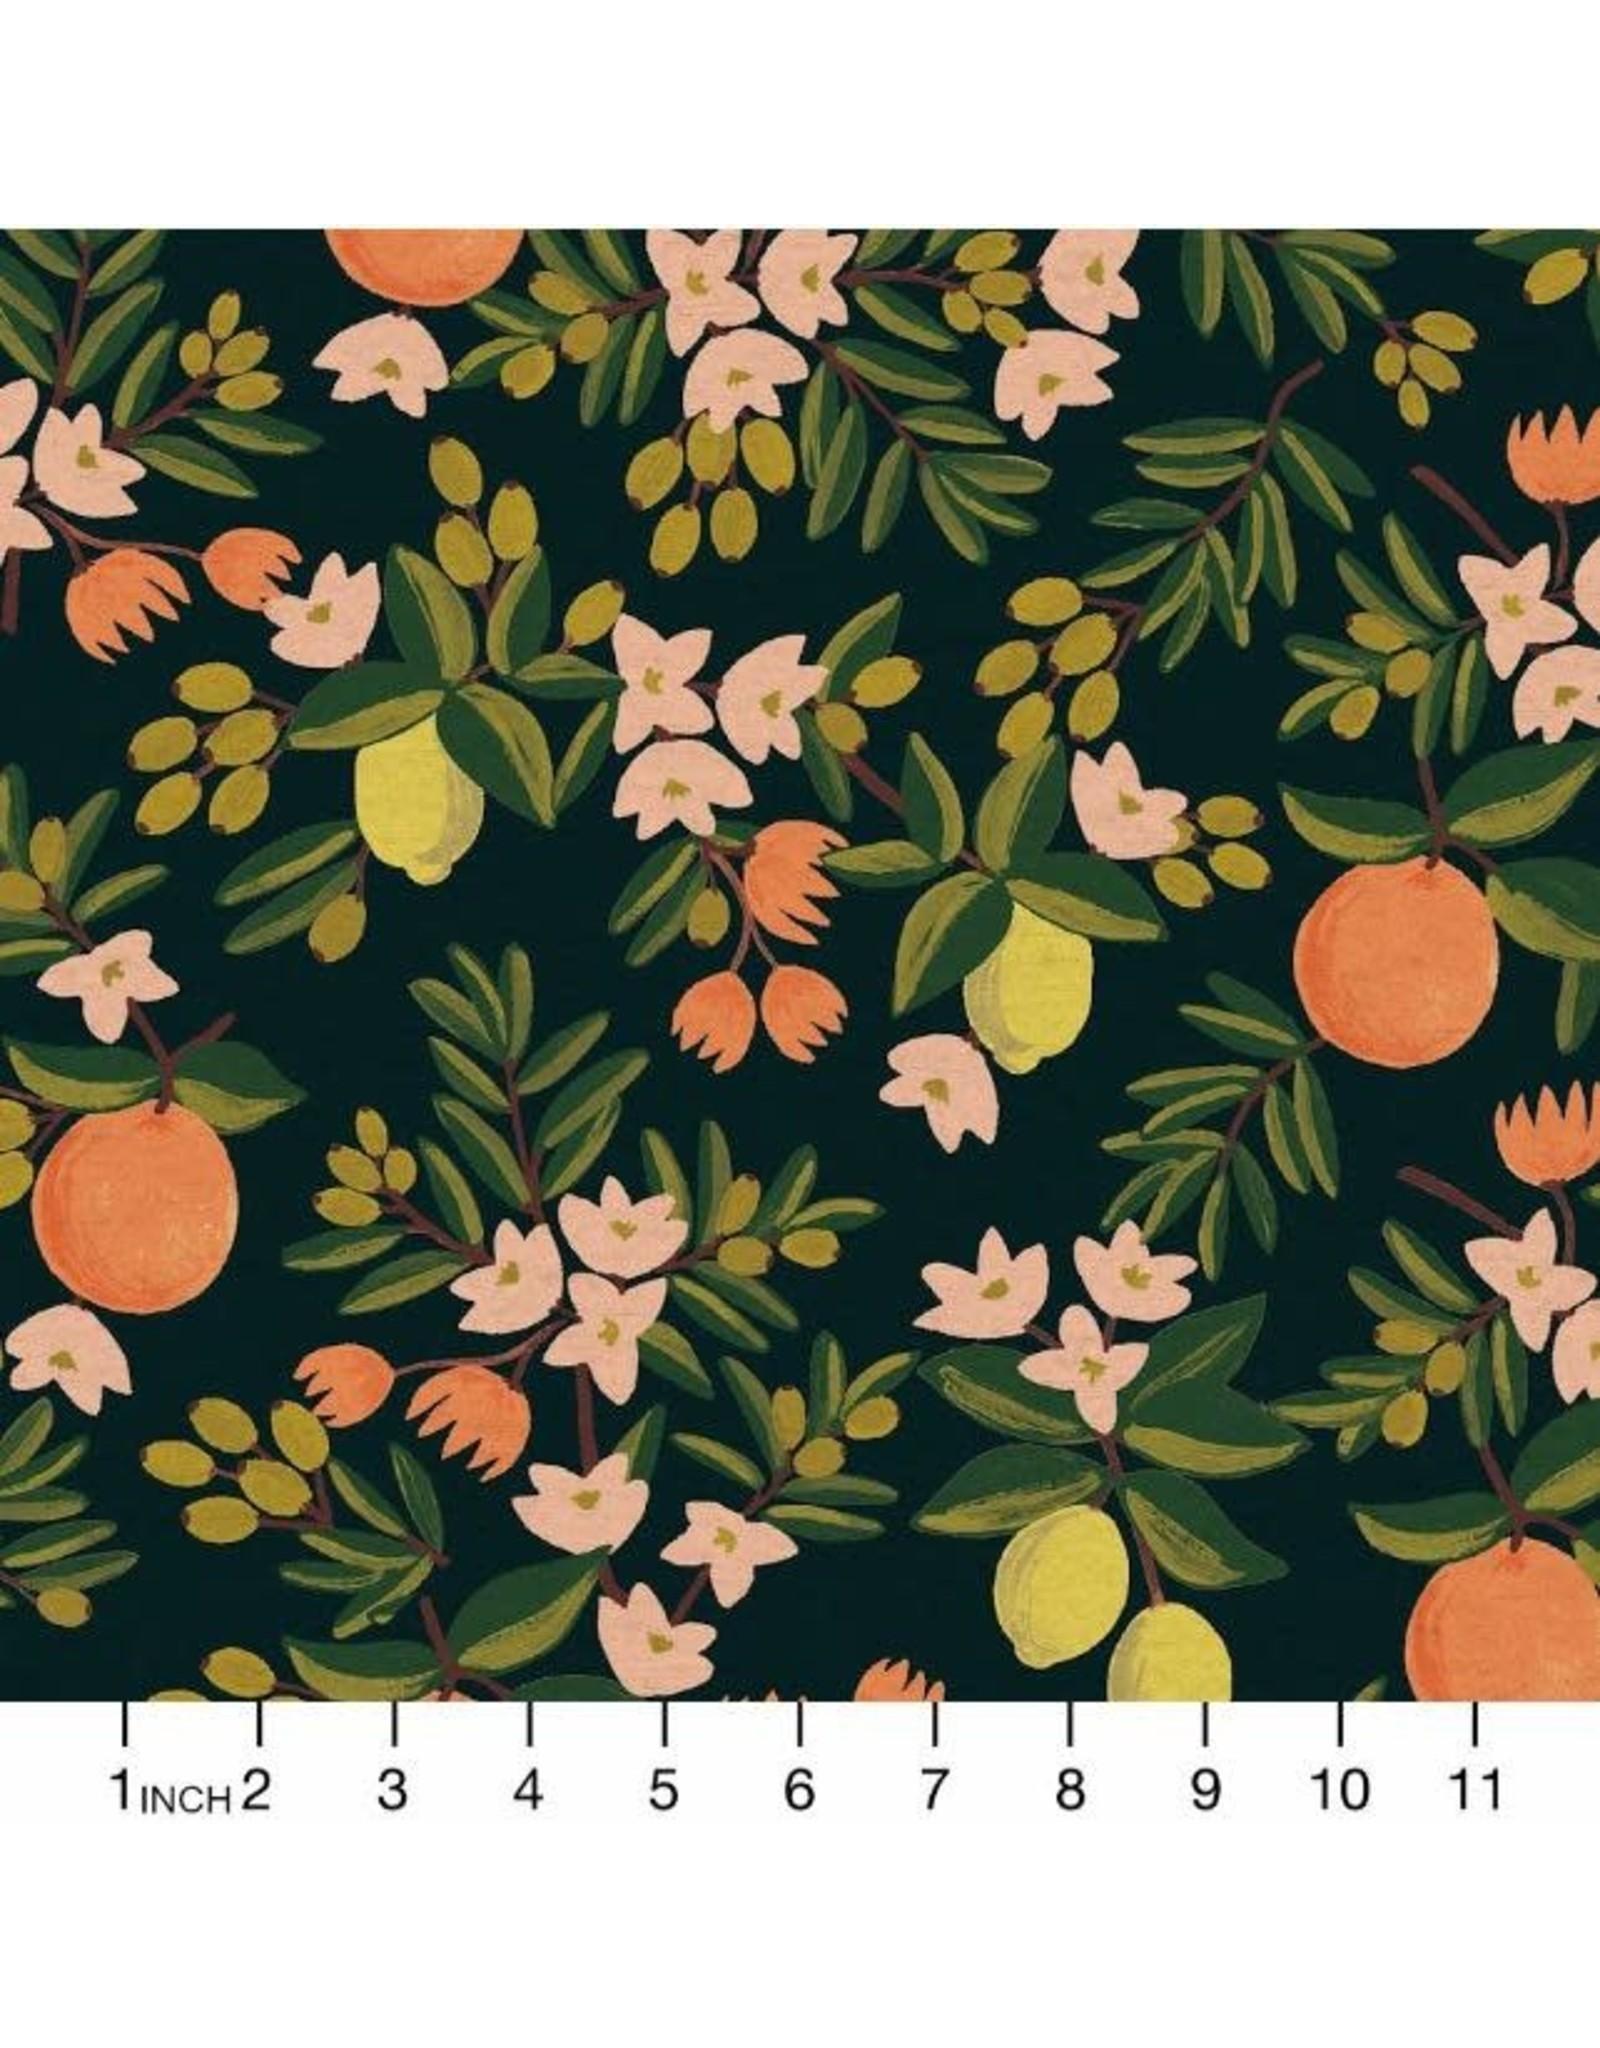 Rifle Paper Co. Linen/Cotton Canvas, Primavera, Citrus Floral in Black, Fabric Half-Yards RP300-BK5C